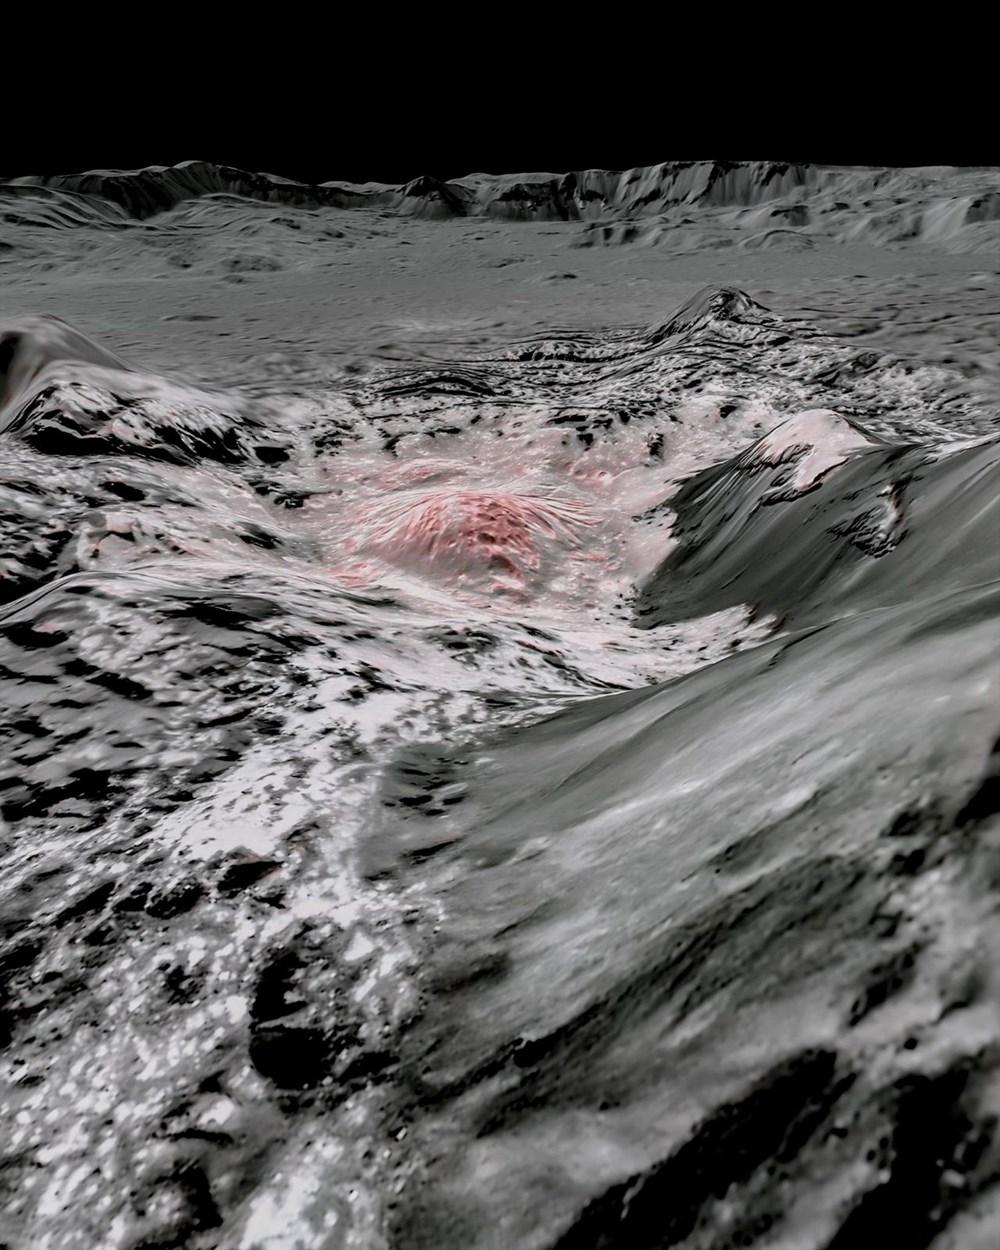 Dünya'ya en yakın cüce gezegen Ceres'te hayat olabilir - 1